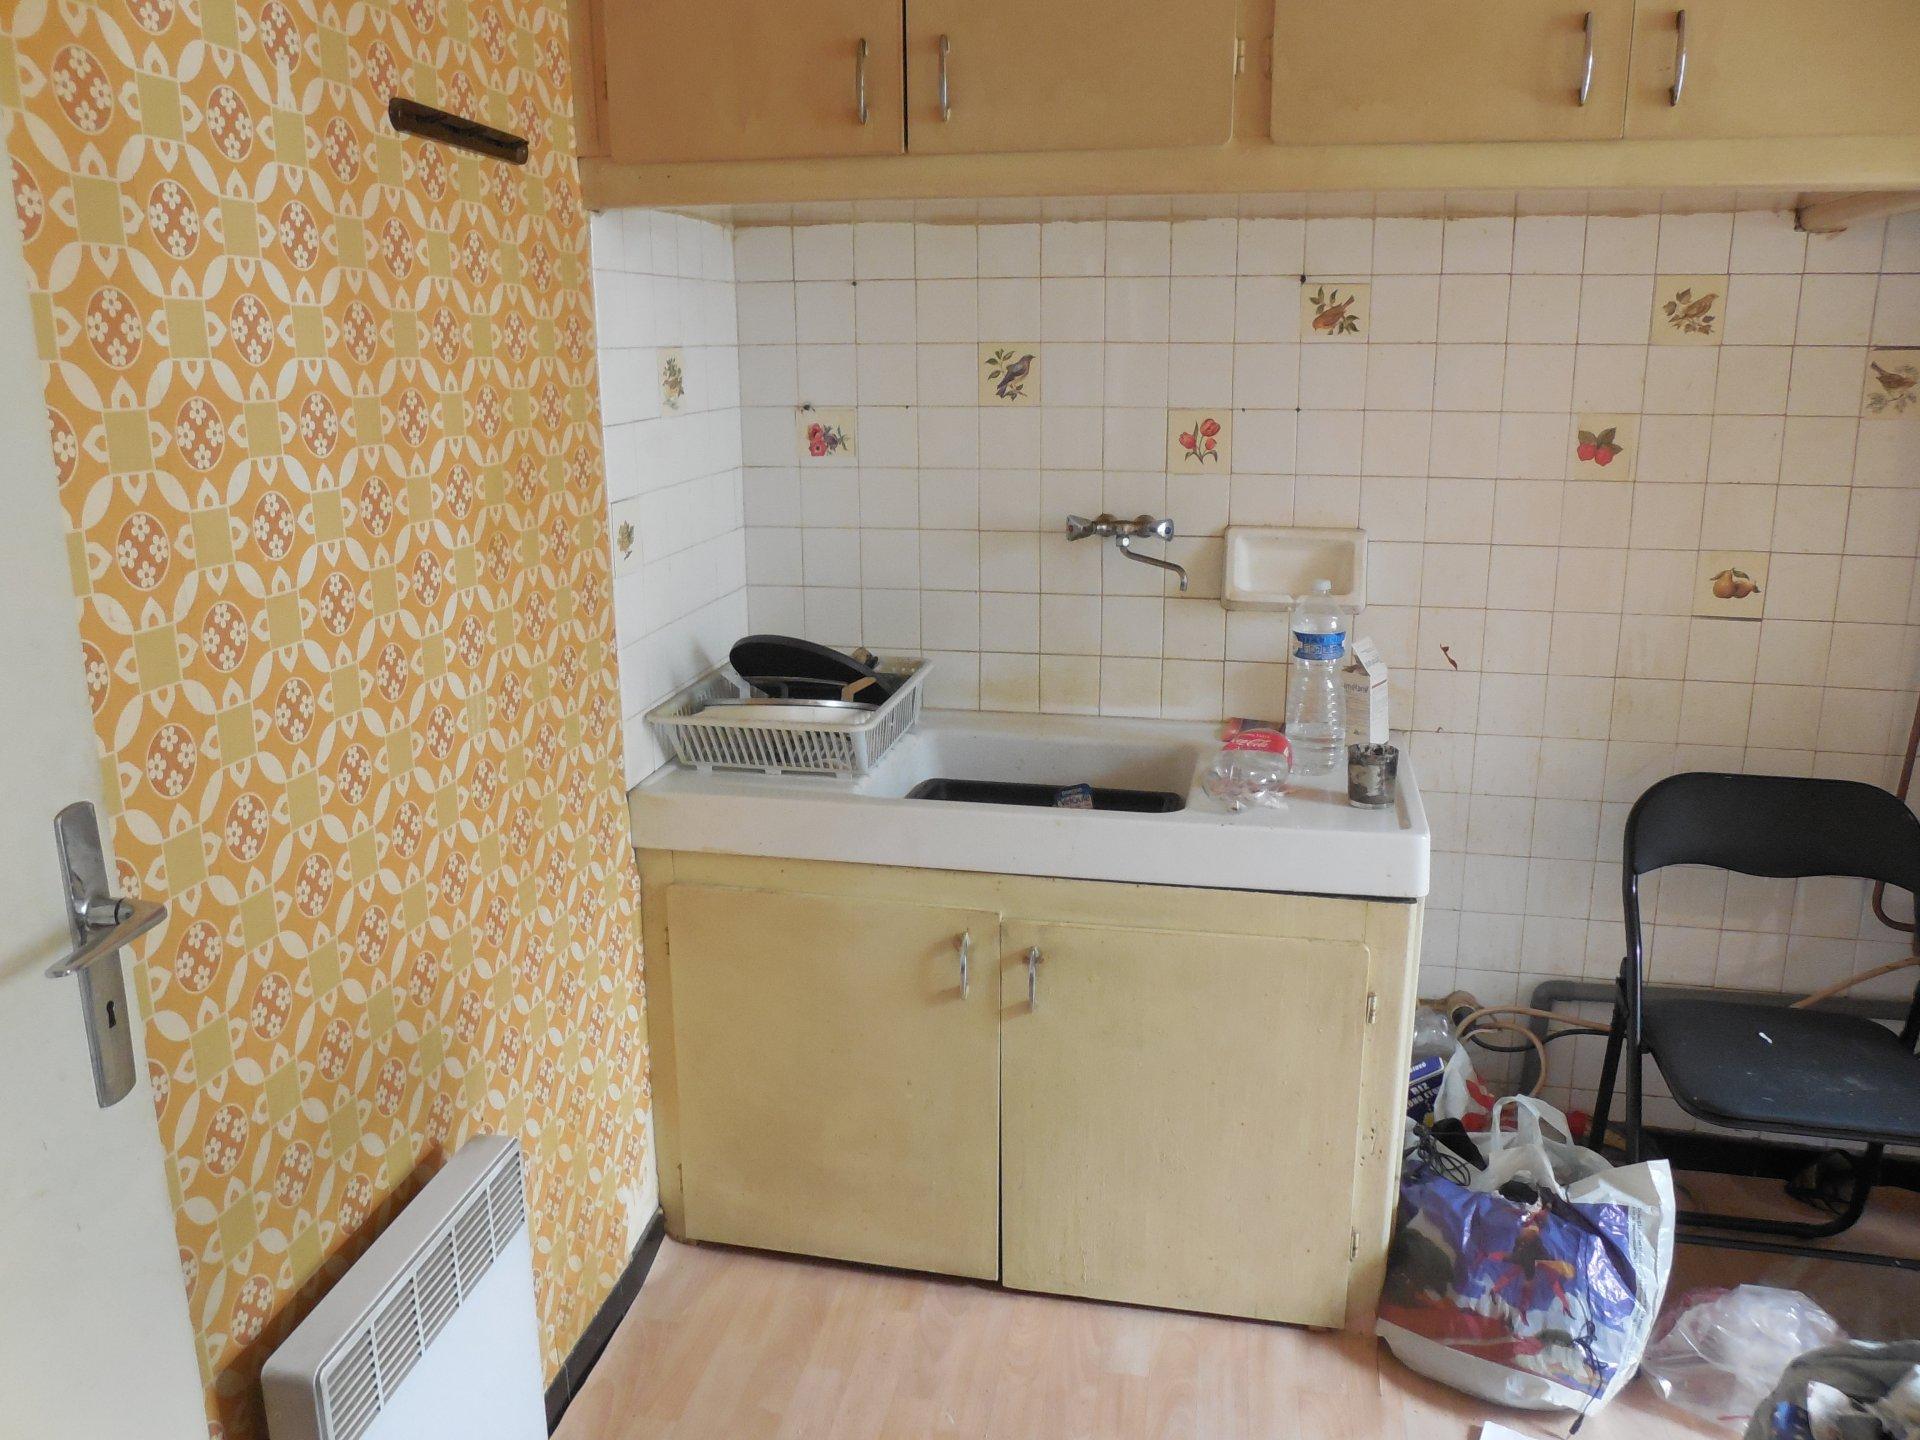 A vendre à Perpignan appartement T2 à rénover